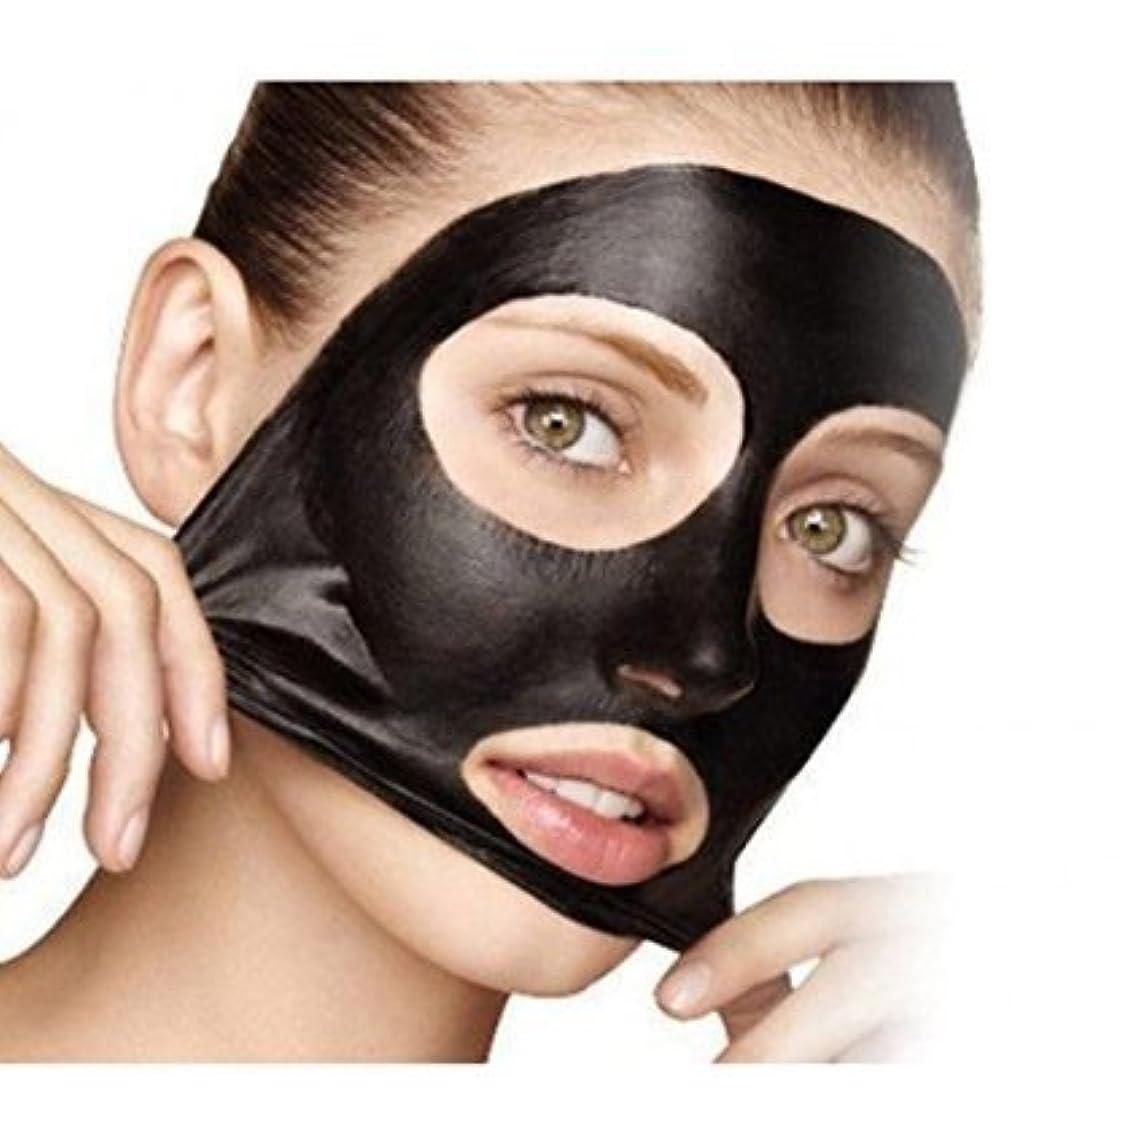 爵険しい相反する5 x Mineral Mud Nose Pore Cleansing Blackhead Removal Cleaner Membranes Mask by Boolavard® TM